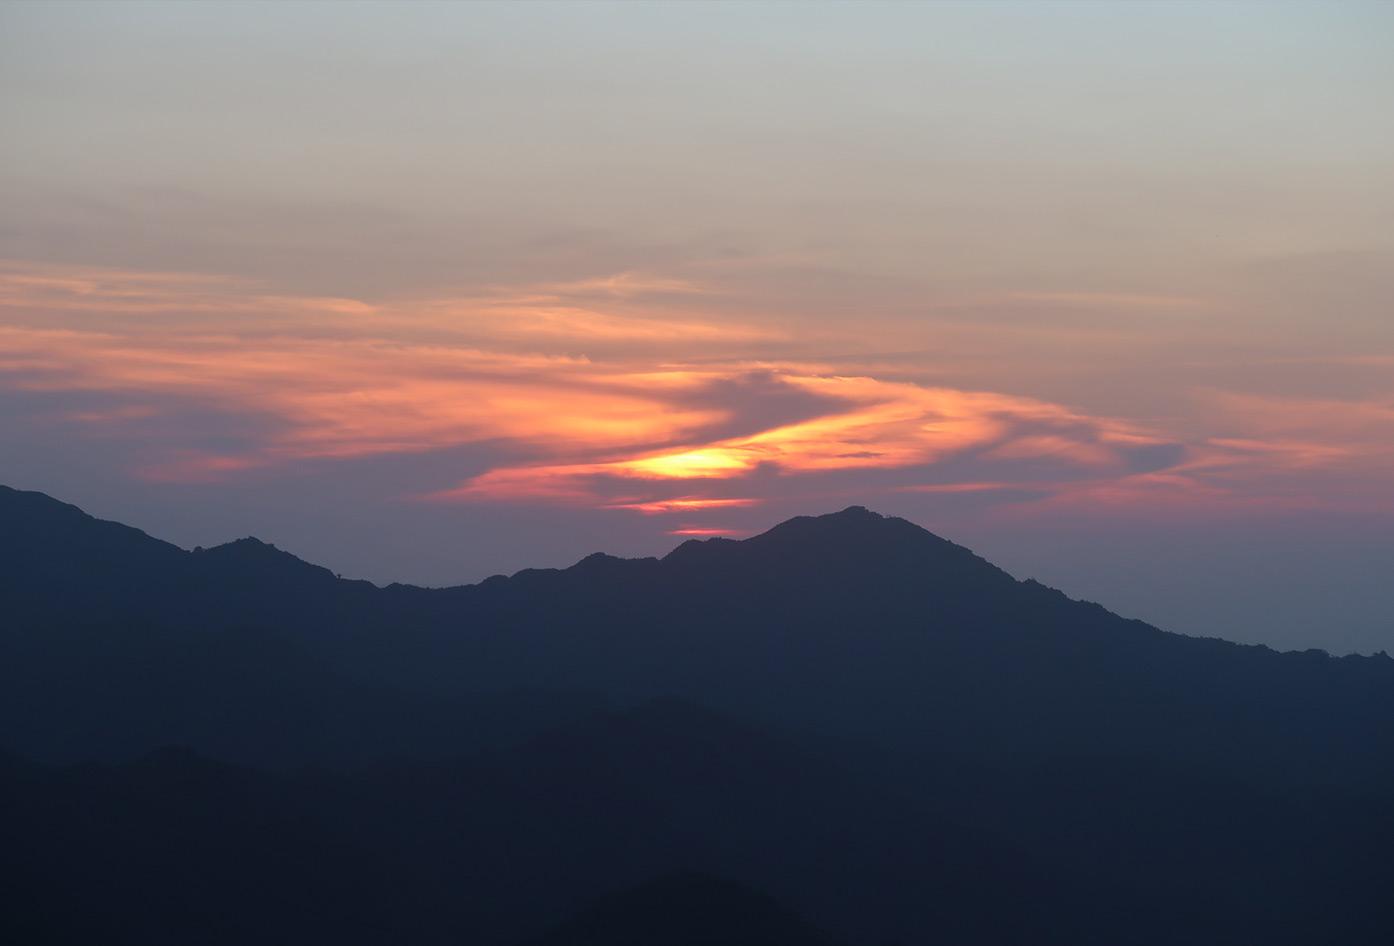 mundo nuevo sunset